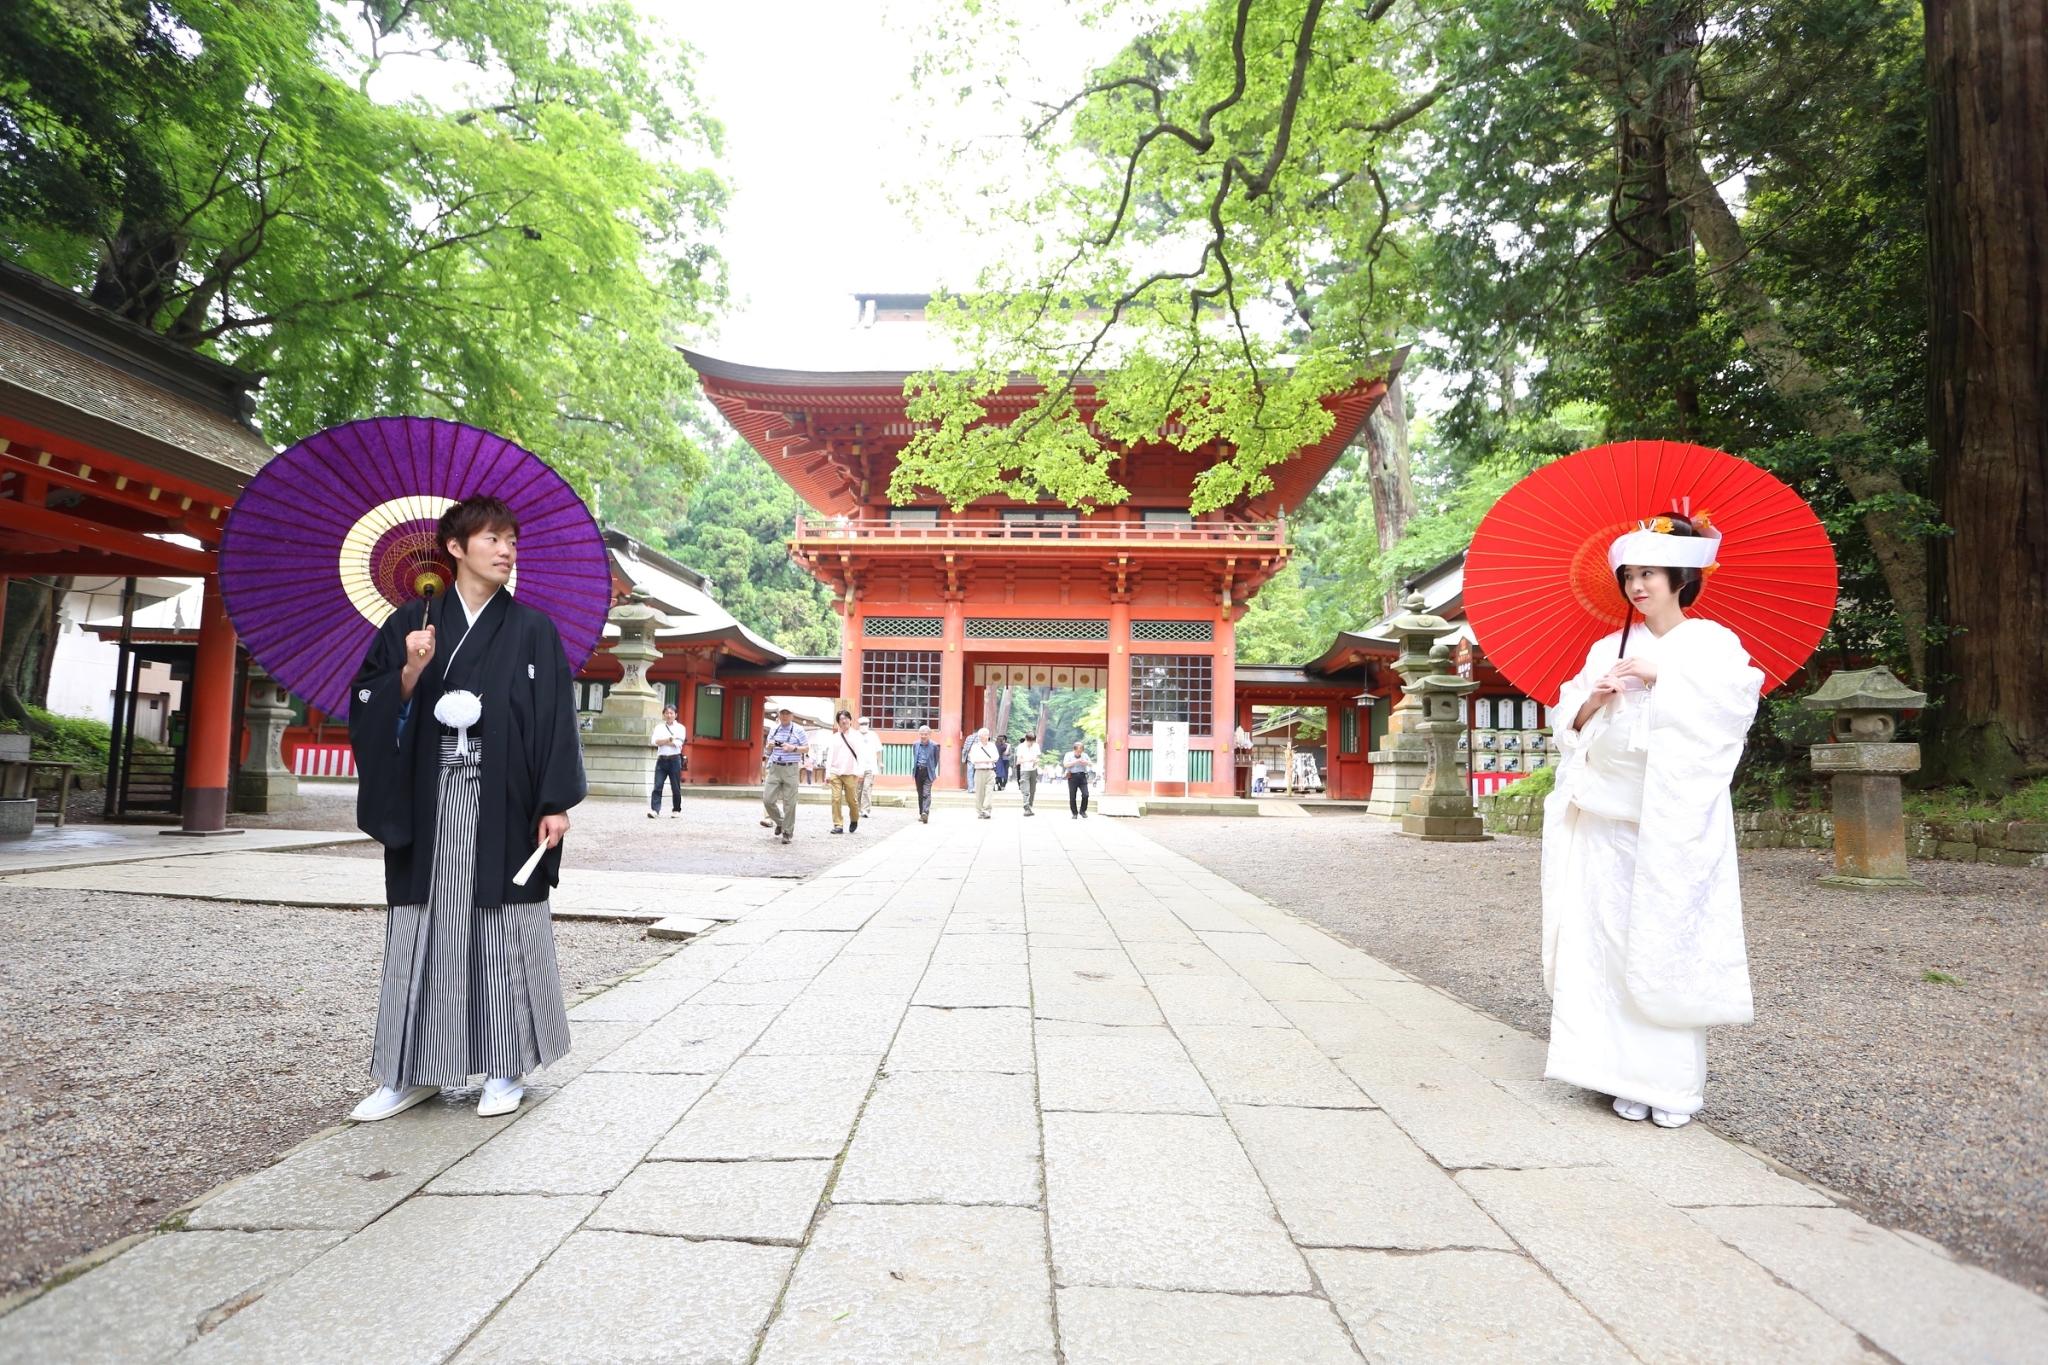 最強のパワースポット「始まりの地」鹿島神宮での神社挙式